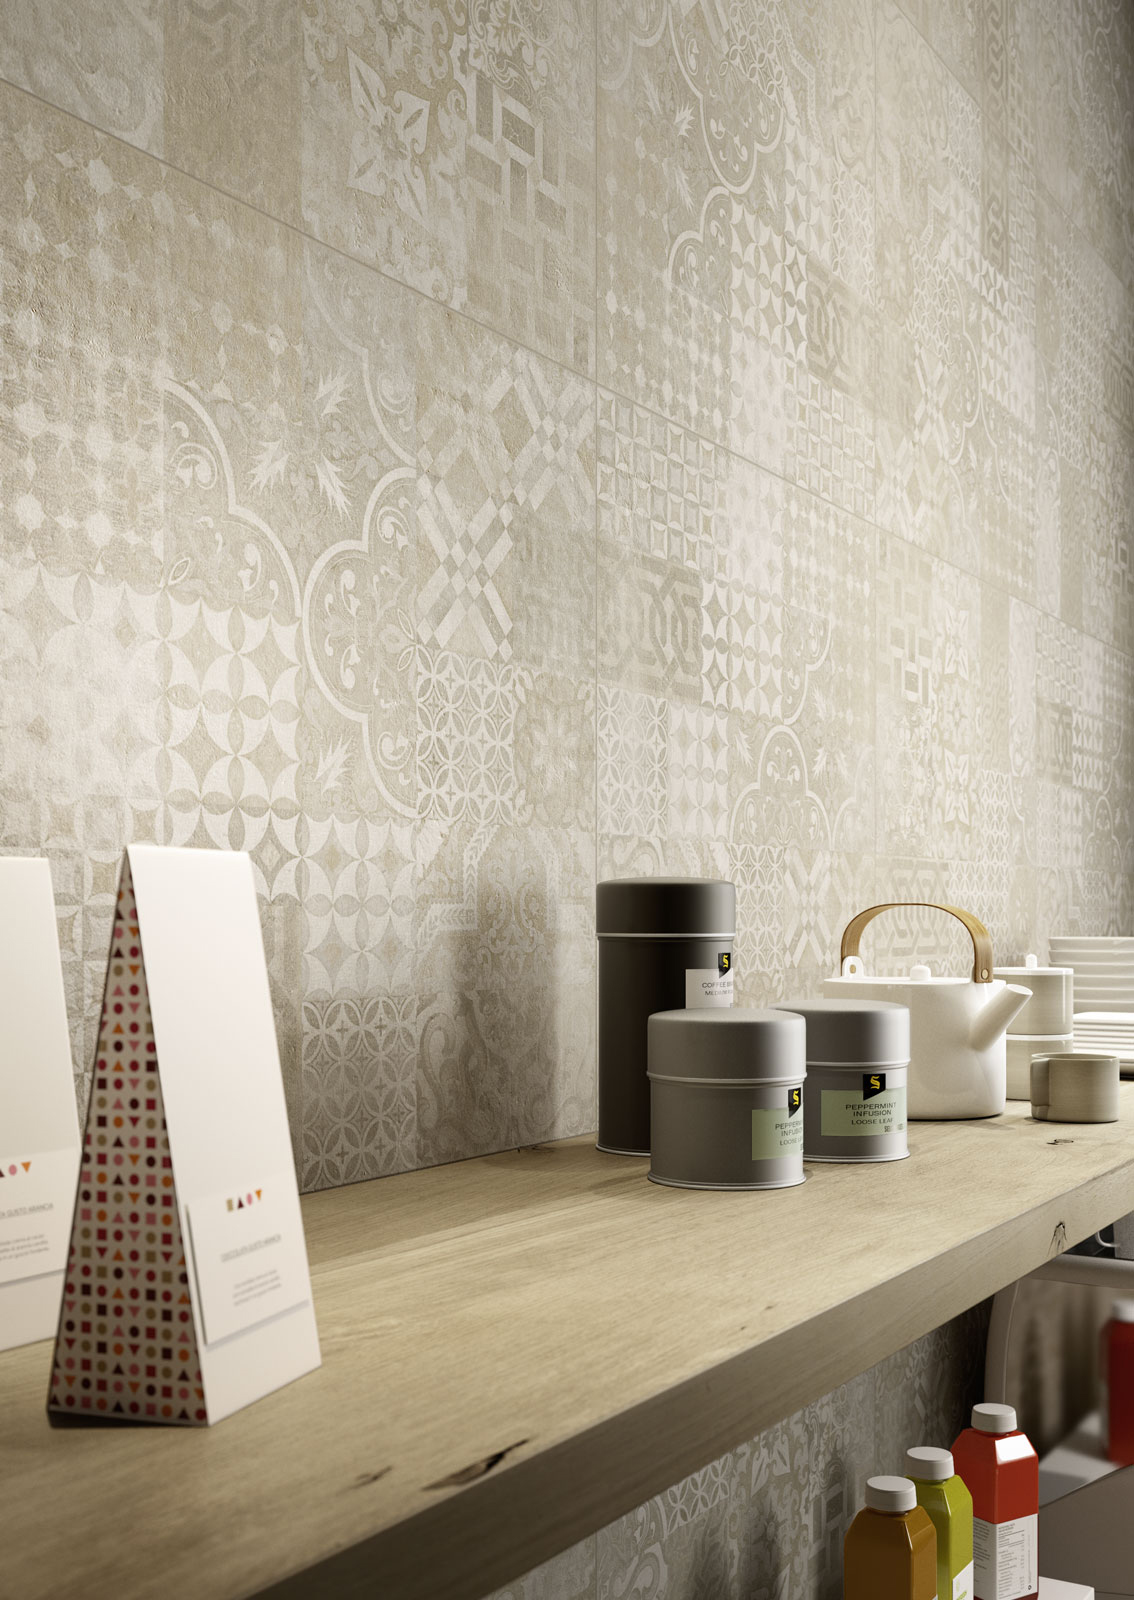 Plaster gres porcellanato effetto cemento marazzi - Rivestimenti cucina marazzi ...